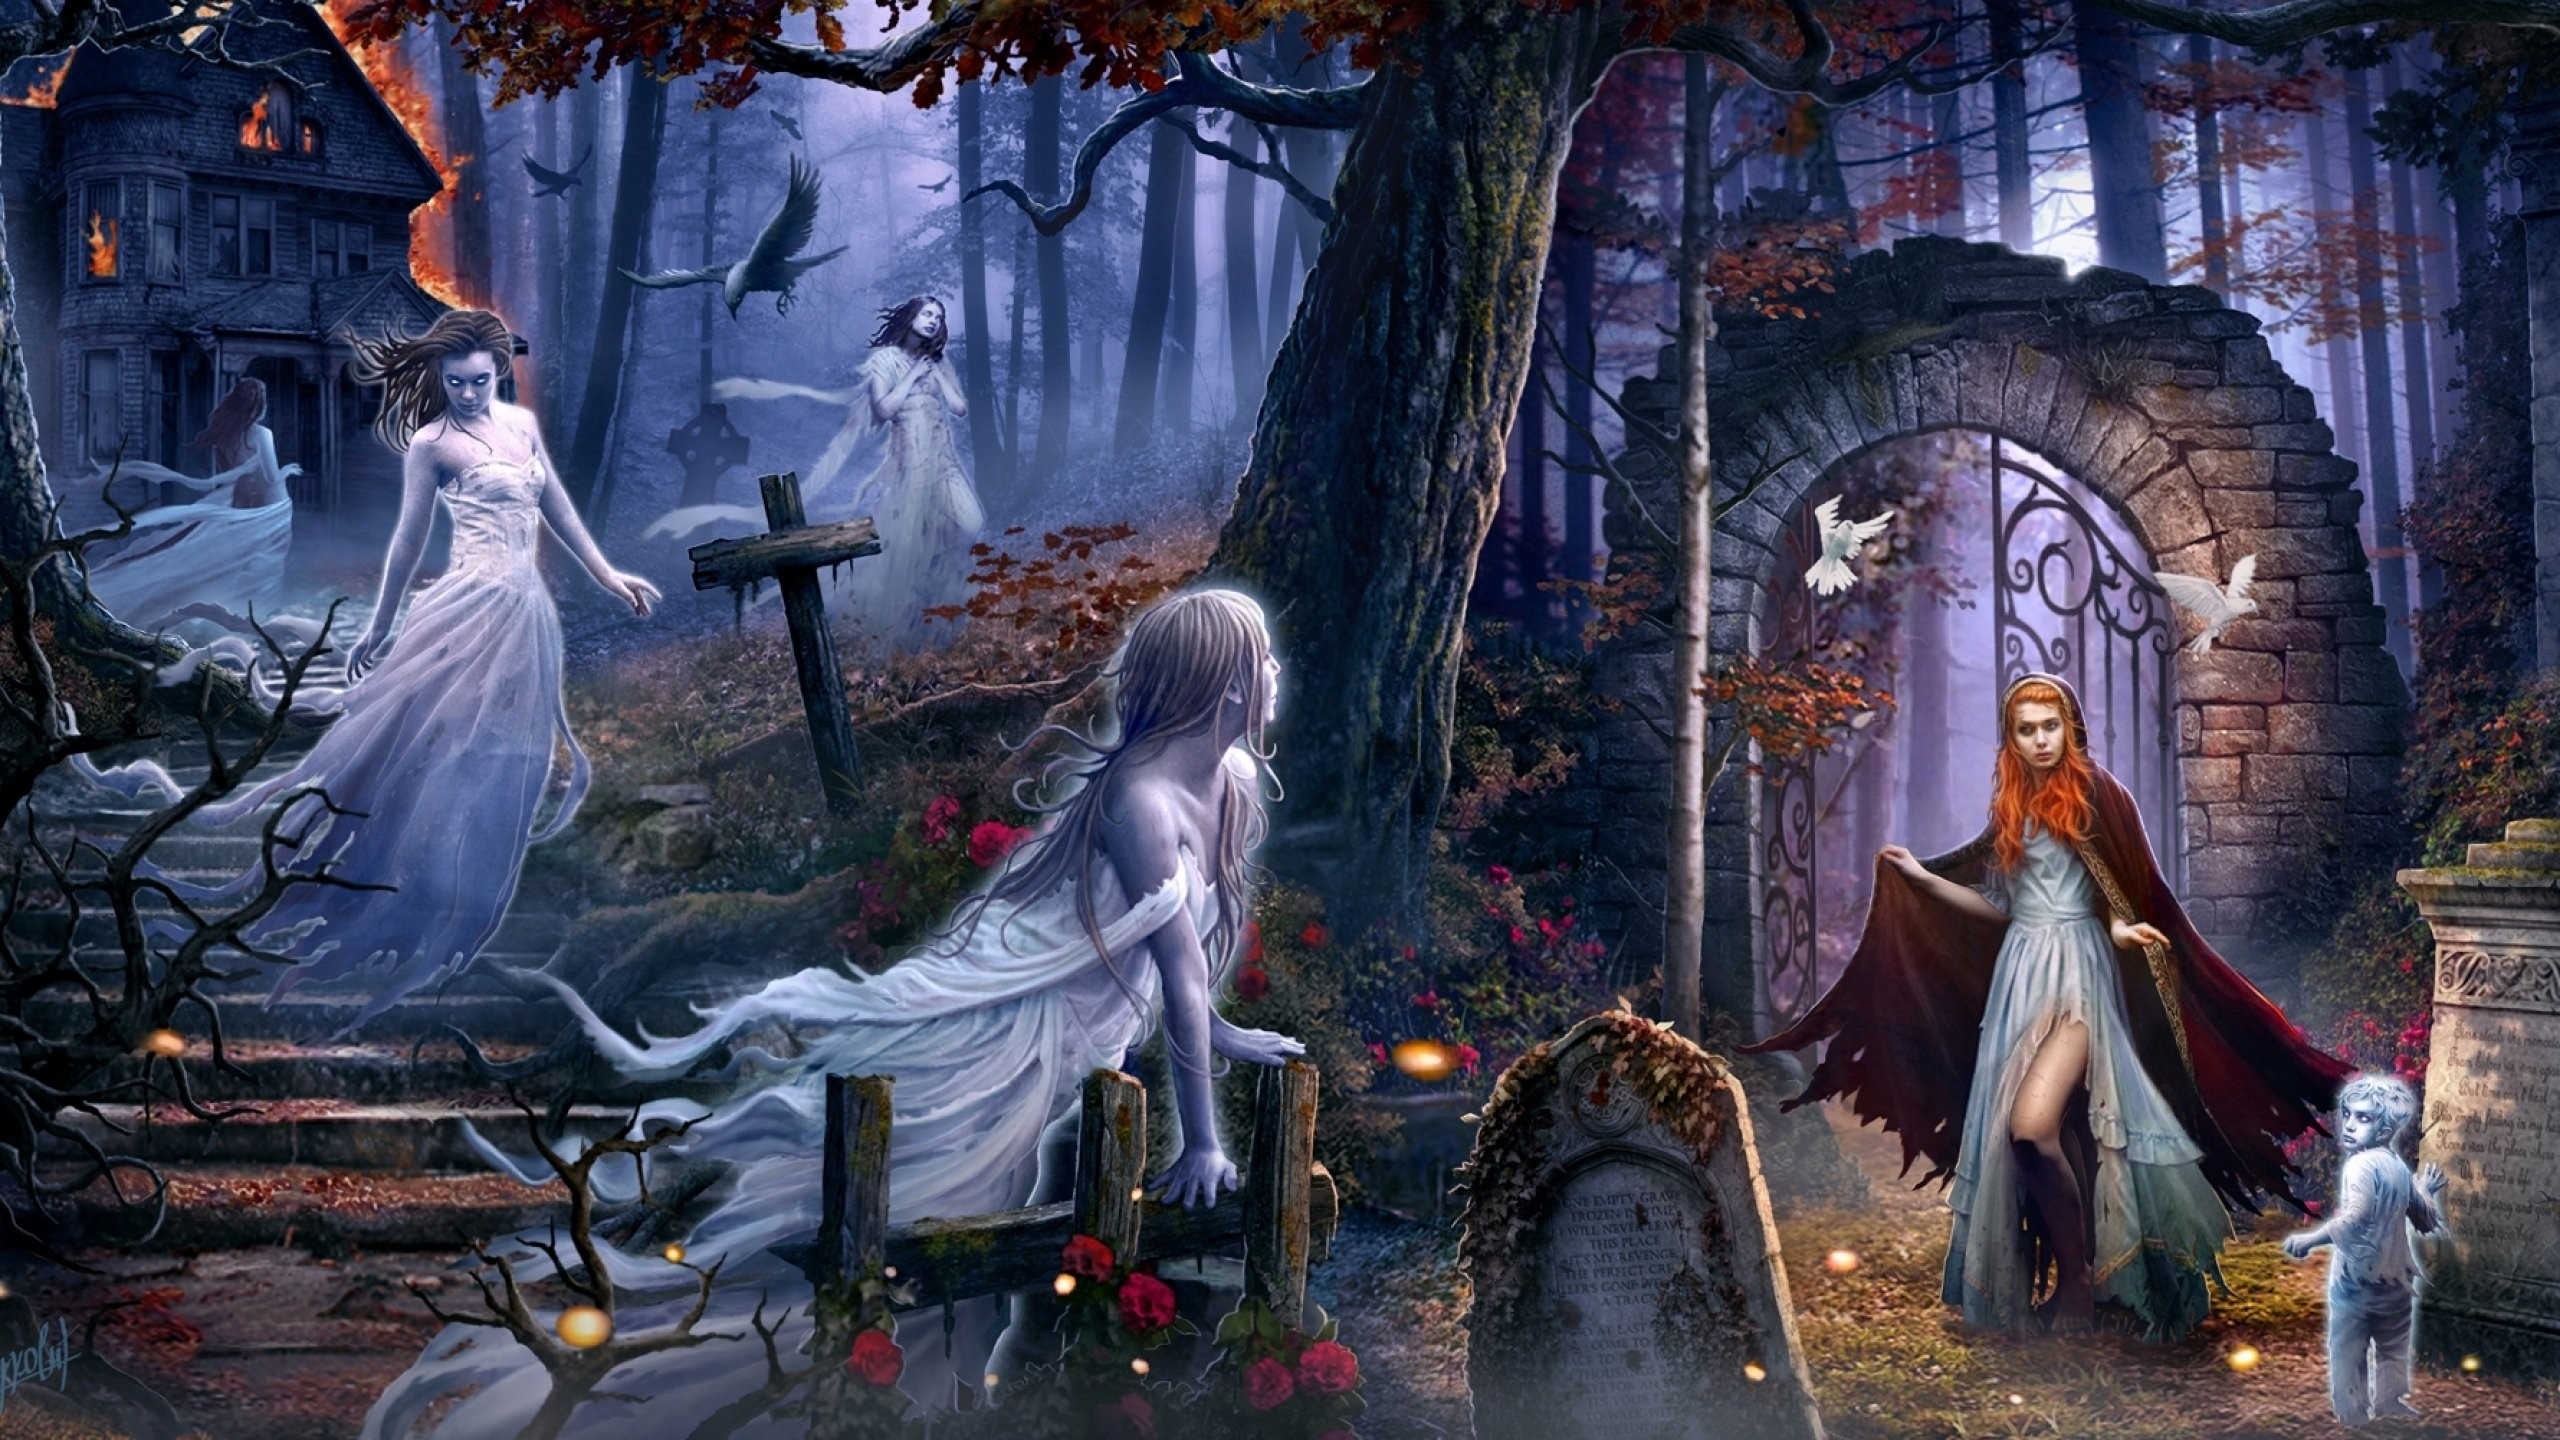 creepy halloween wallpapers for desktop 62 images